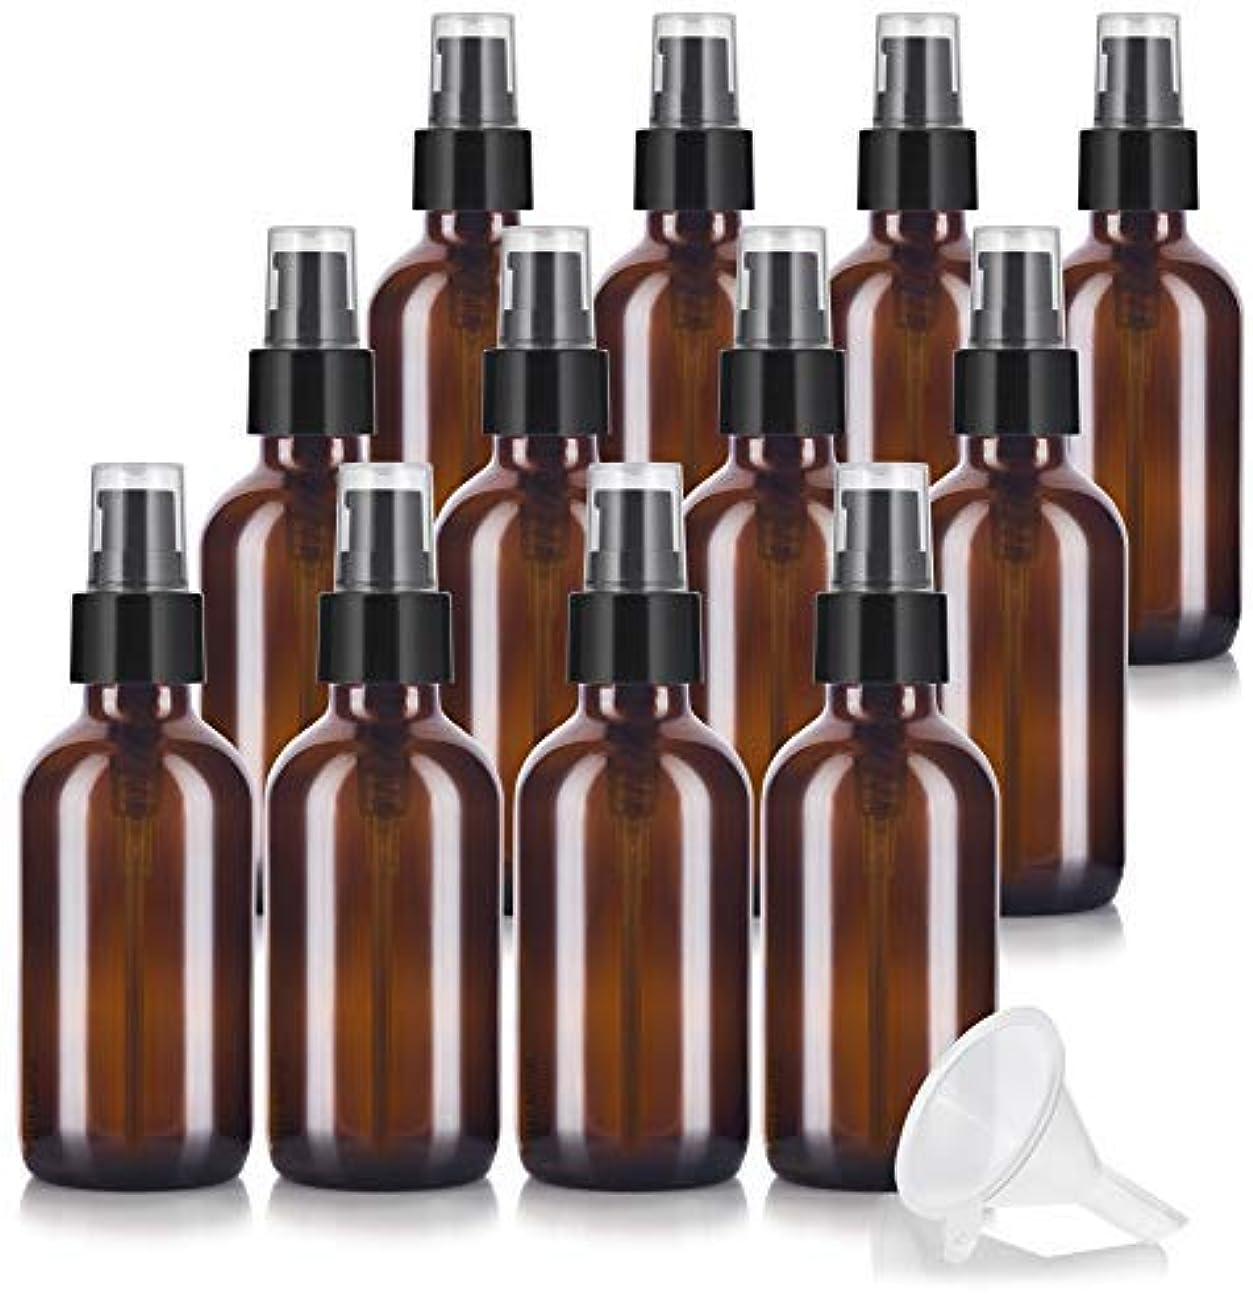 フクロウ極めてチャレンジ4 oz Amber Glass Boston Round Treatment Pump Bottle (12 pack) + Funnel and Labels for essential oils, aromatherapy...